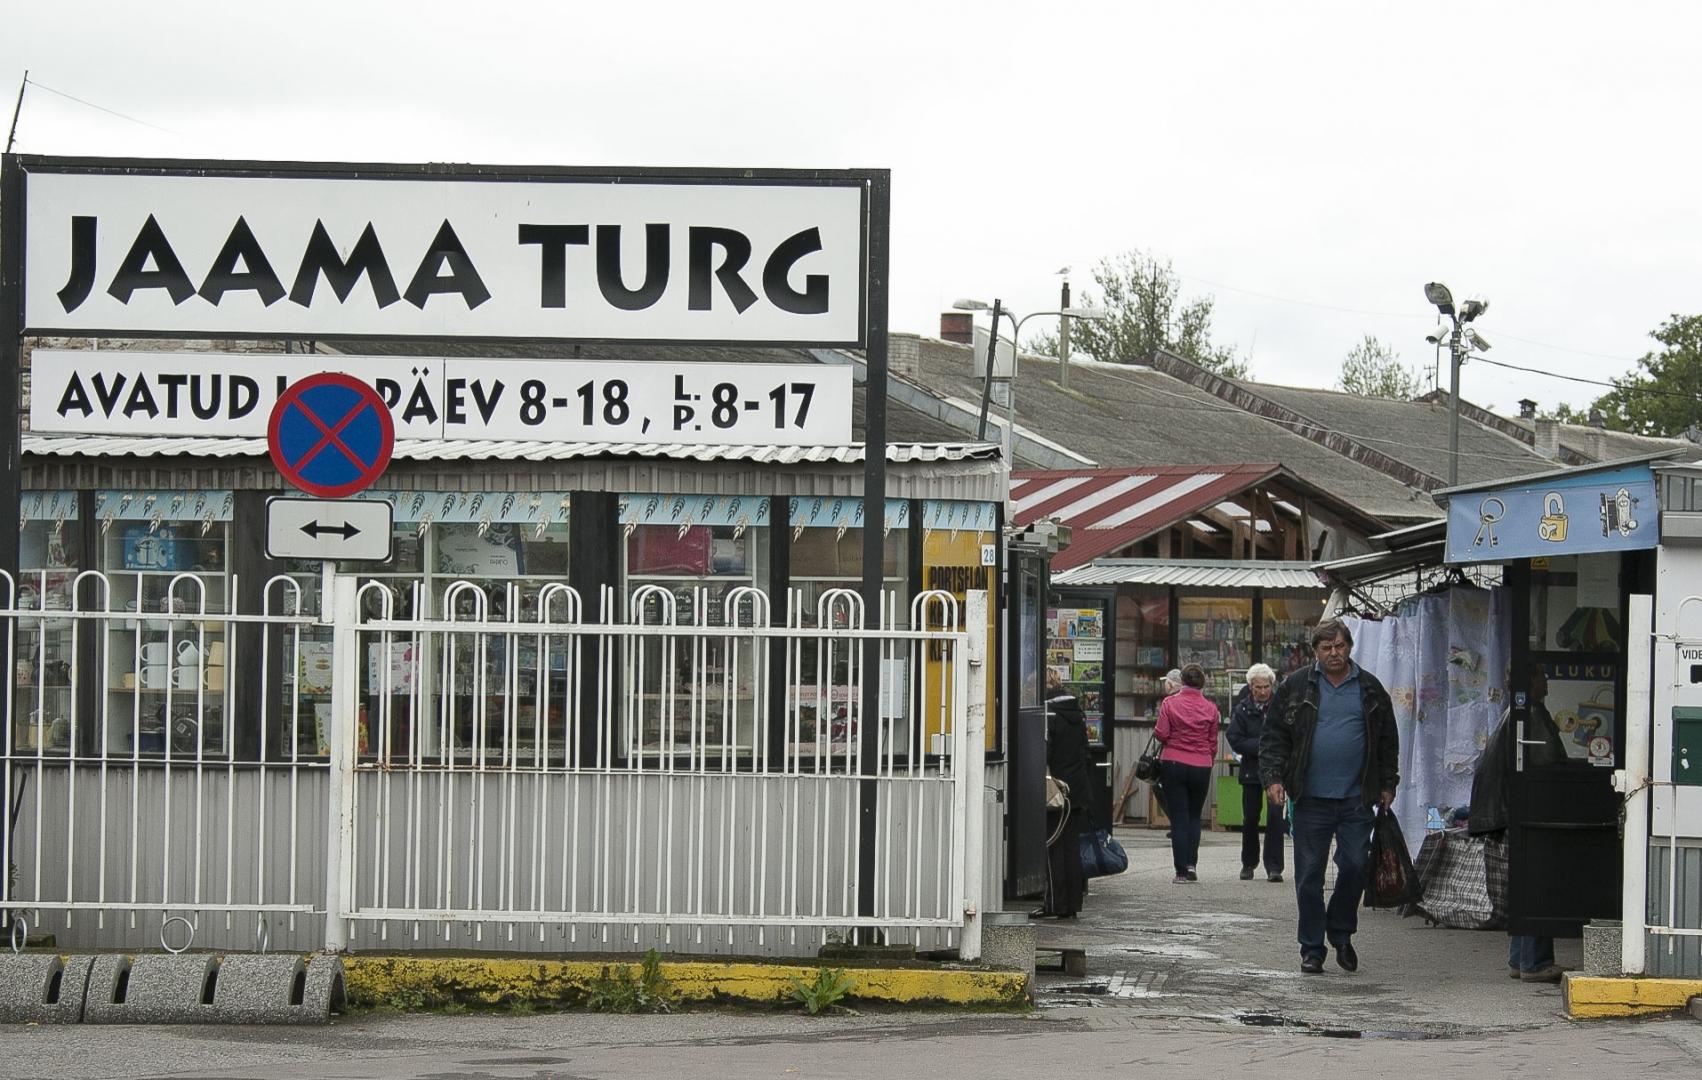 29a485a11d6 Fotod! Uus Balti jaama turg meelitab ostjaid terrassikohvikusse ja ...